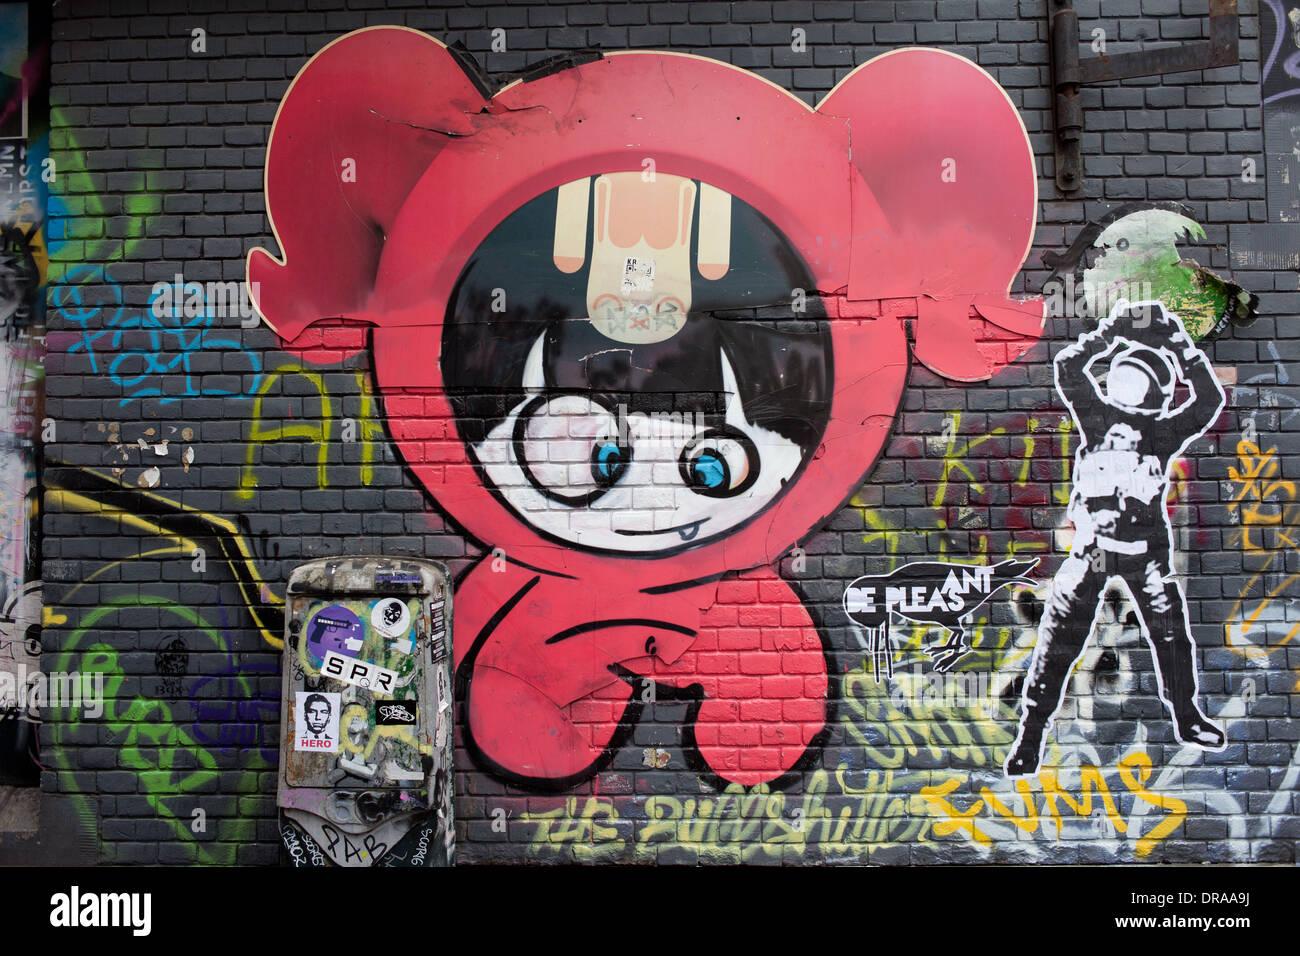 Cartoon Charakter Graffiti auf einer schwarz bemalten Mauer in Amsterdam, Holland, Niederlande. Stockbild